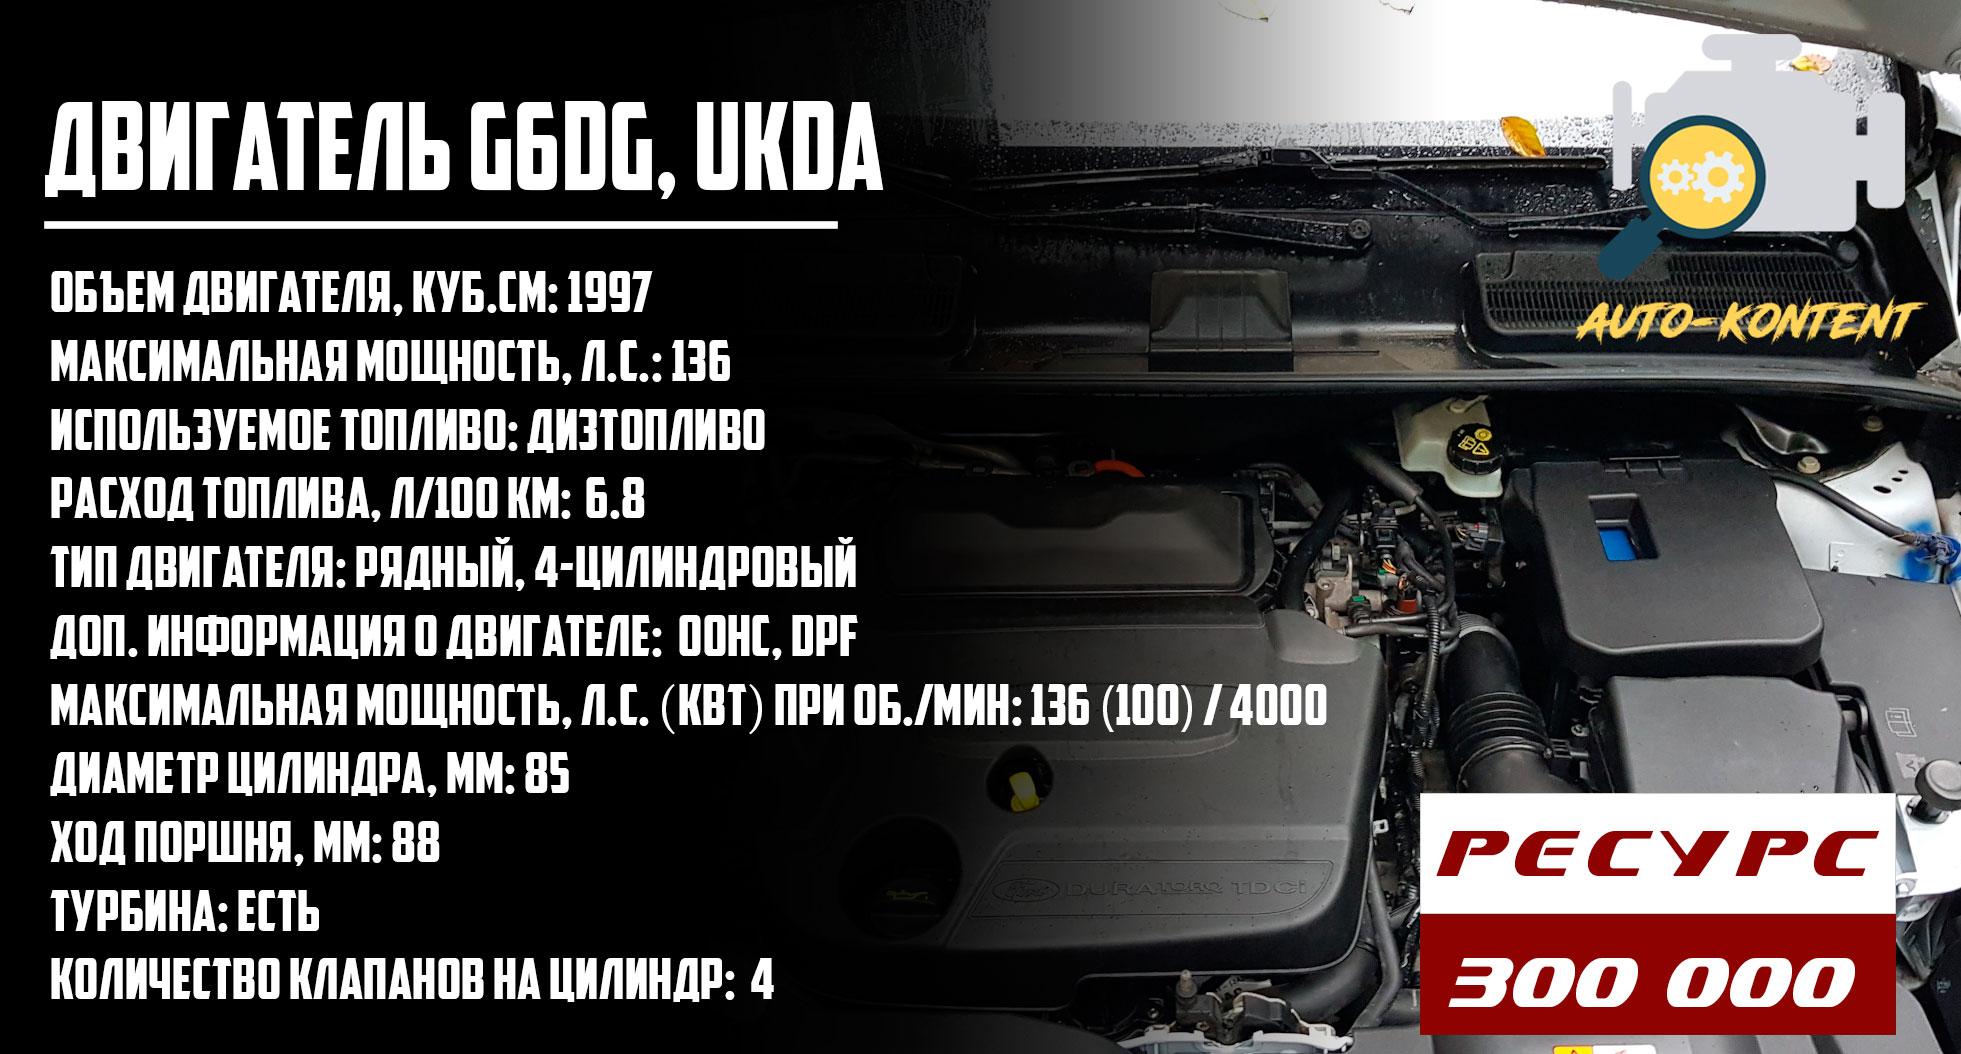 G6DG, UKDA